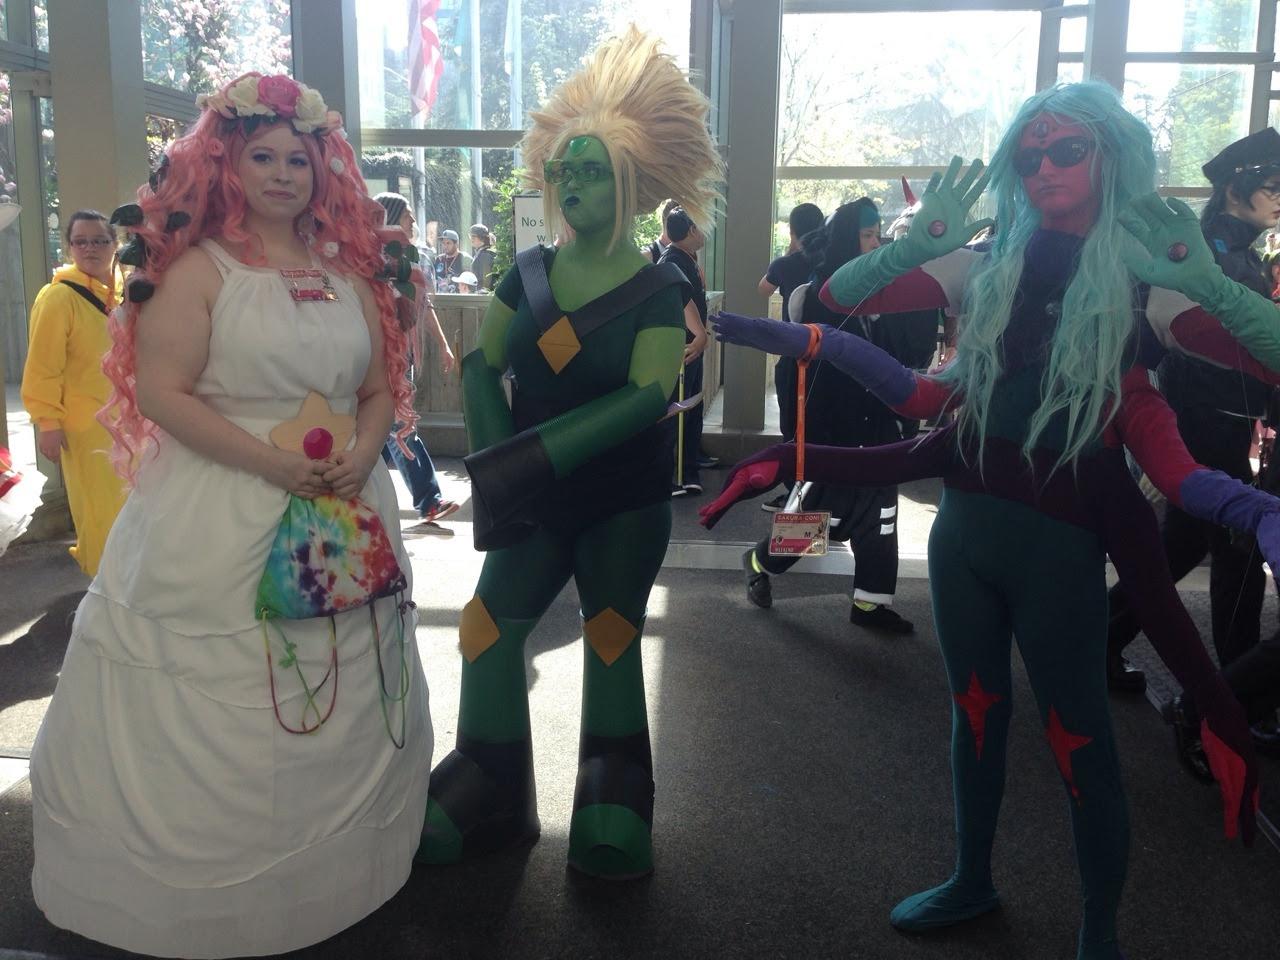 Steven Universe Cosplay at Sakura Con 2016